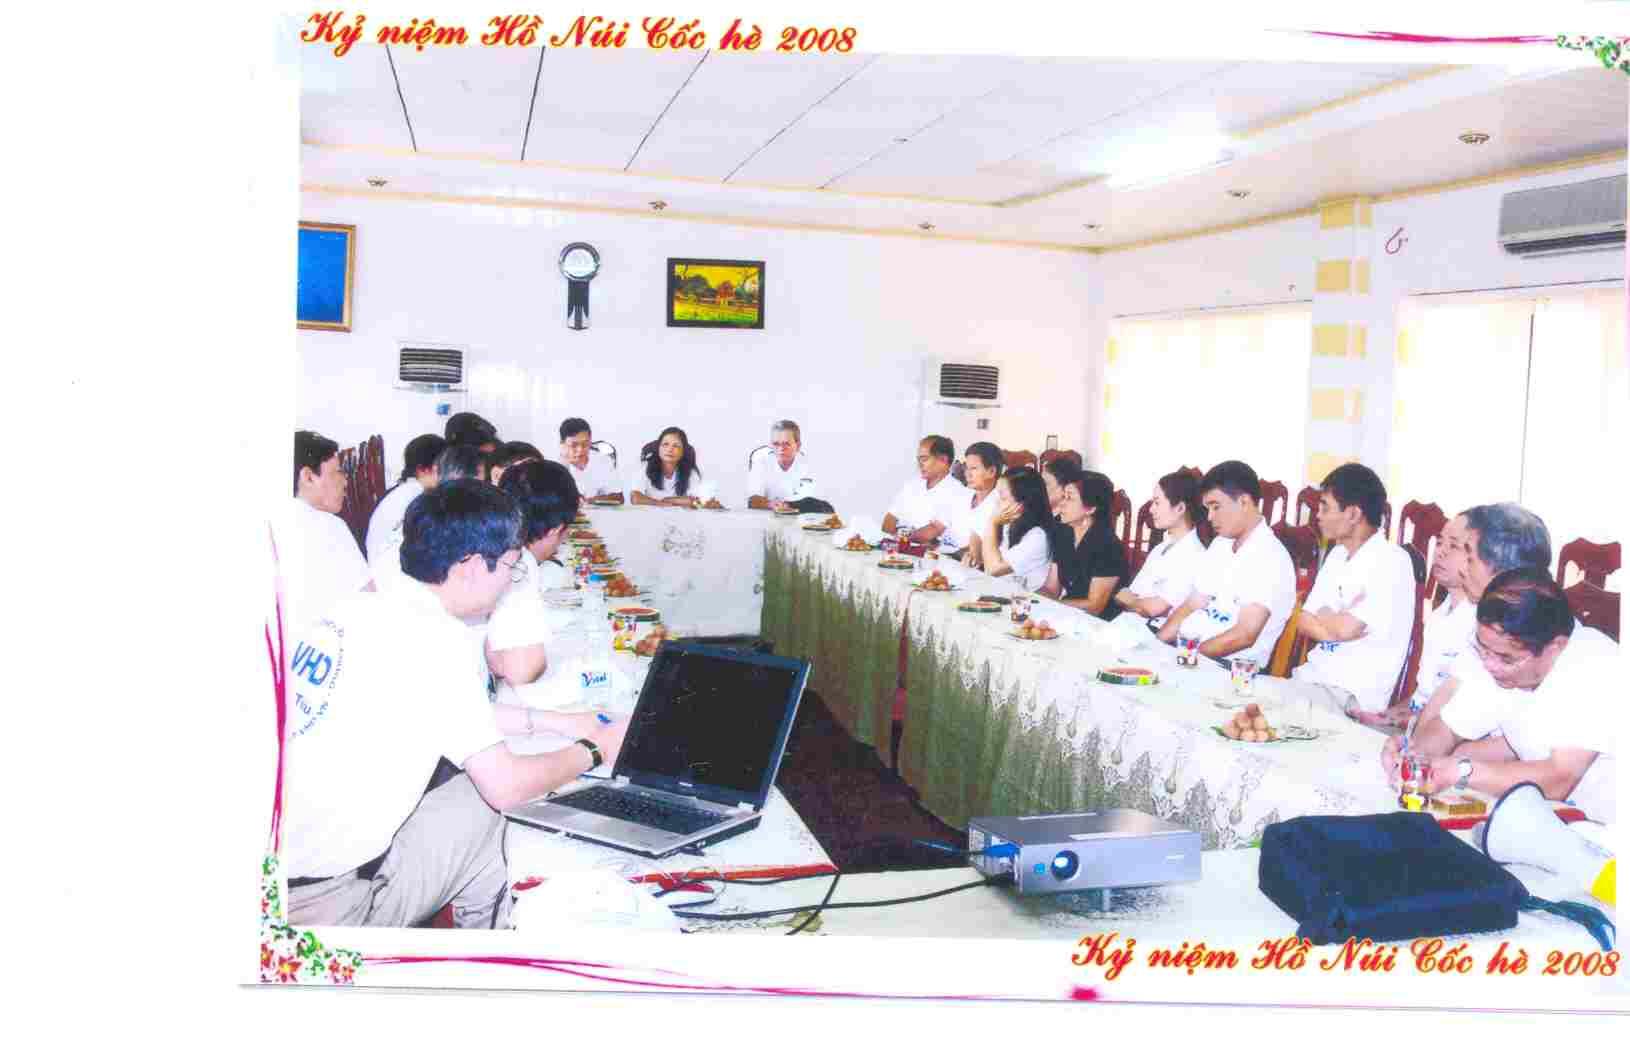 Người dịch công chứng VHD sinh hoạt dã ngoại Thái Nguyên 2008